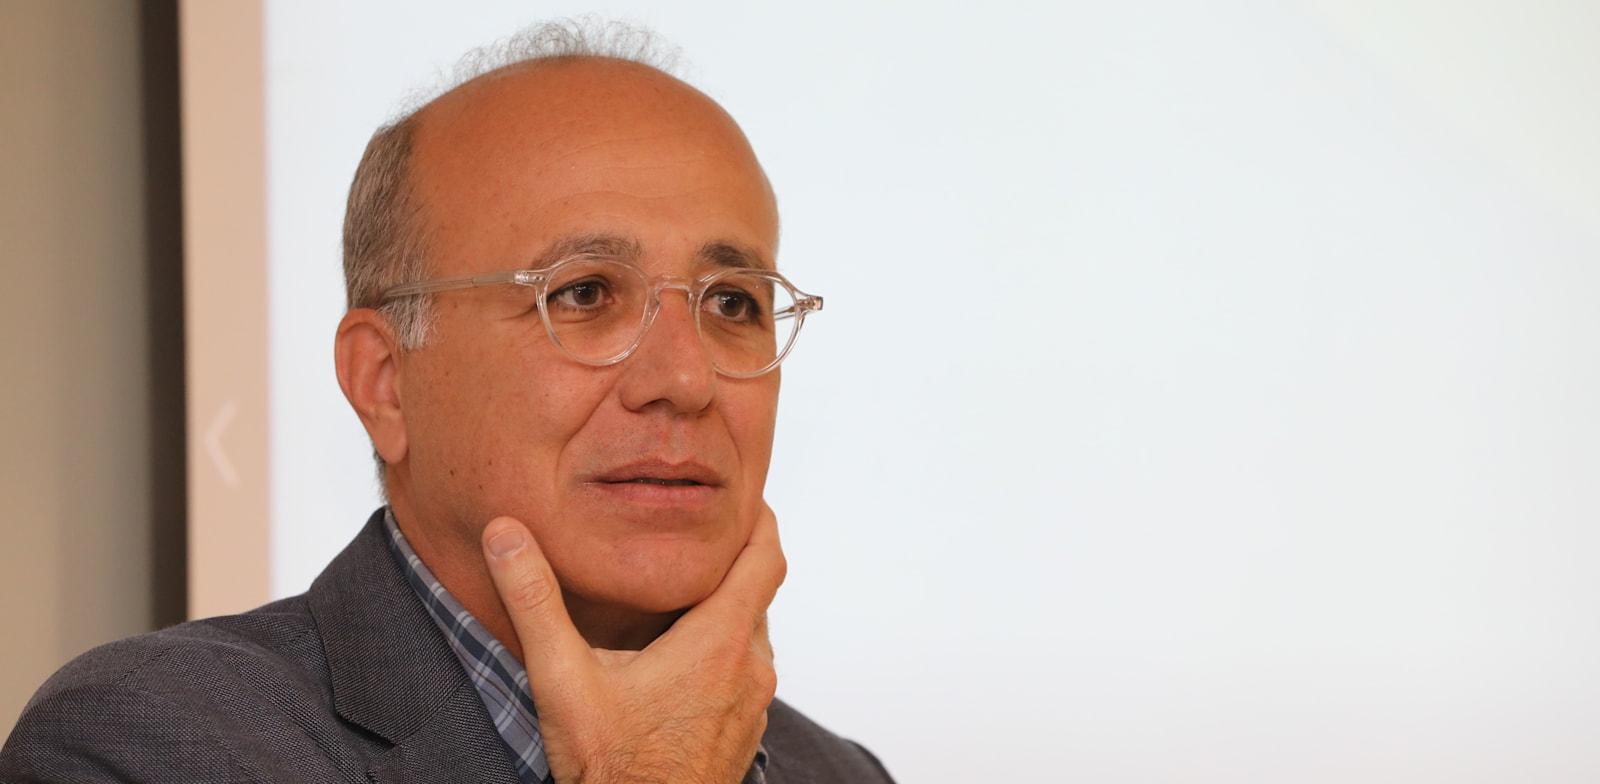 """ד""""ר משה ברקת, הממונה על רשות שוק ההון, ביטוח וחיסכון / צילום: יוסי זמיר"""